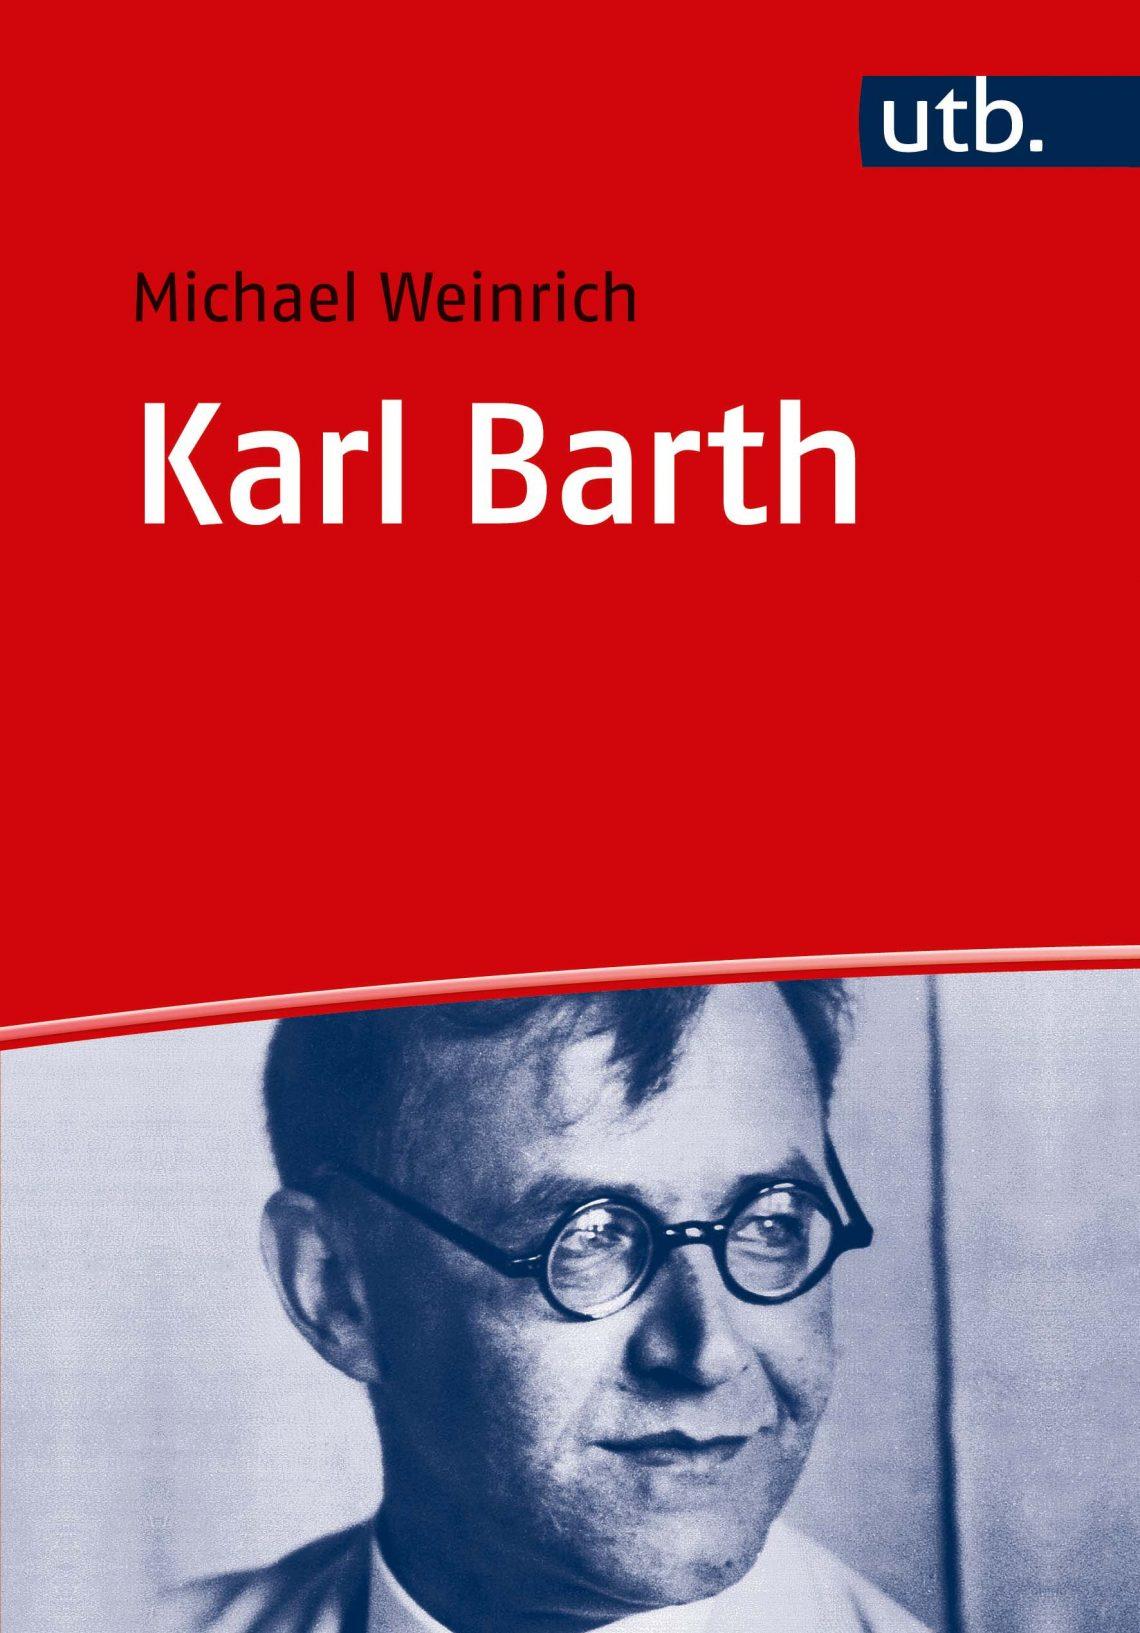 Titelbild: Michael Weinrich - Karl Barth